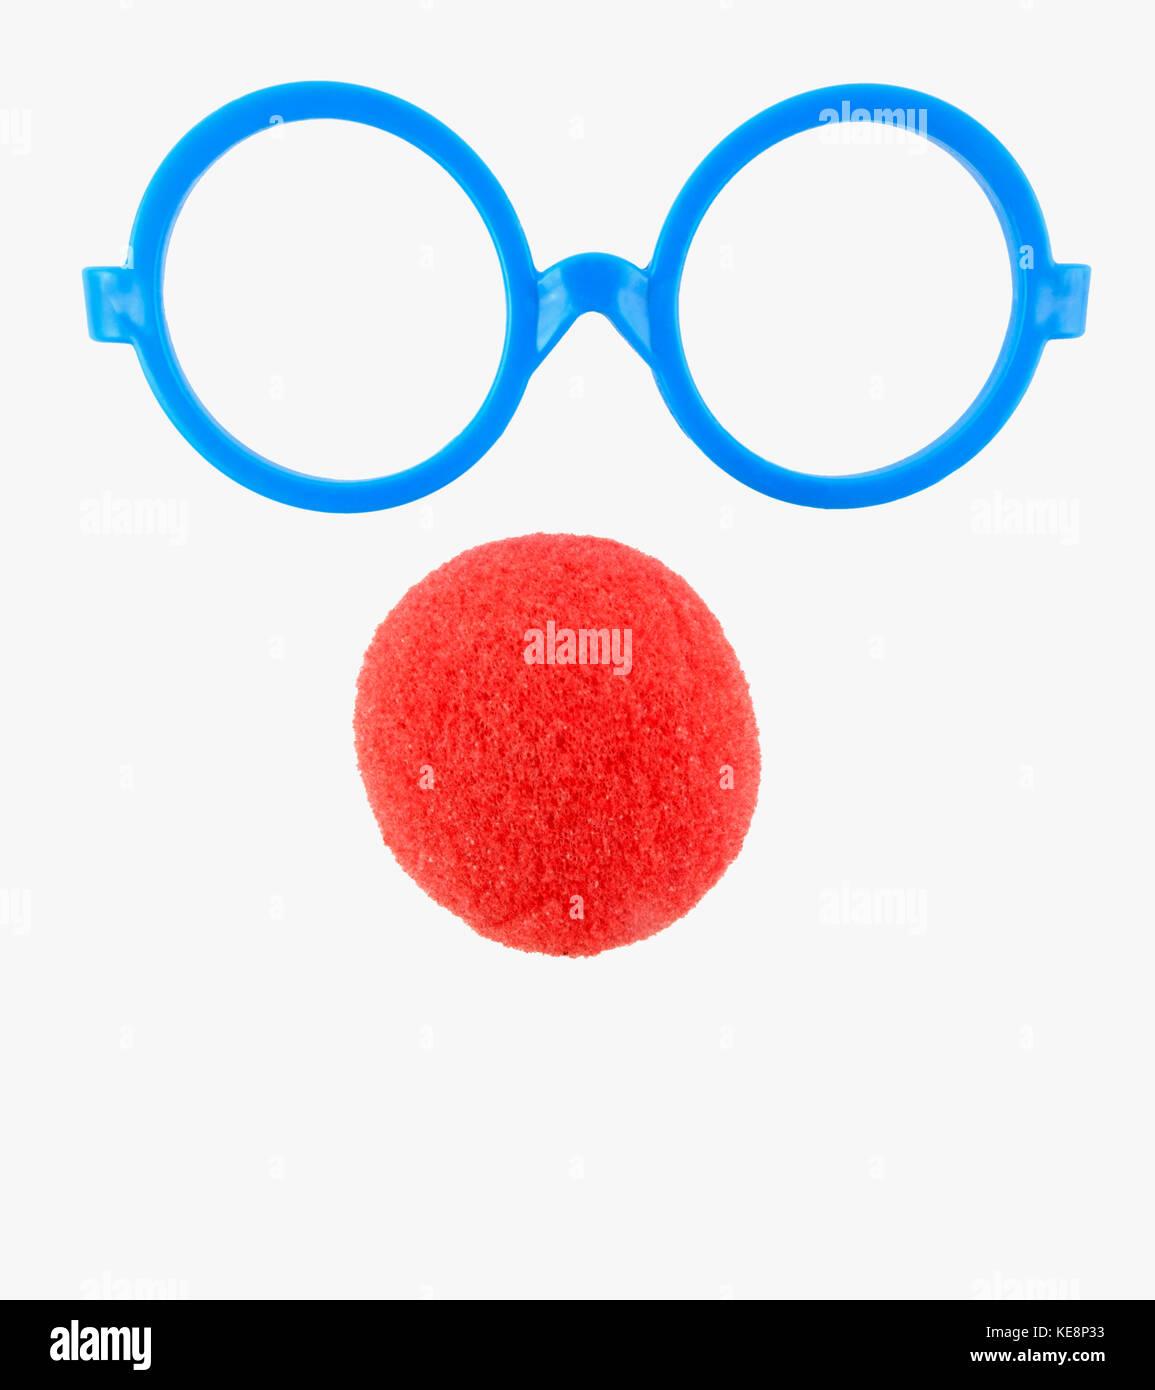 Simples gafas de plástico azul y rojo marcos nariz de payaso espuma ...